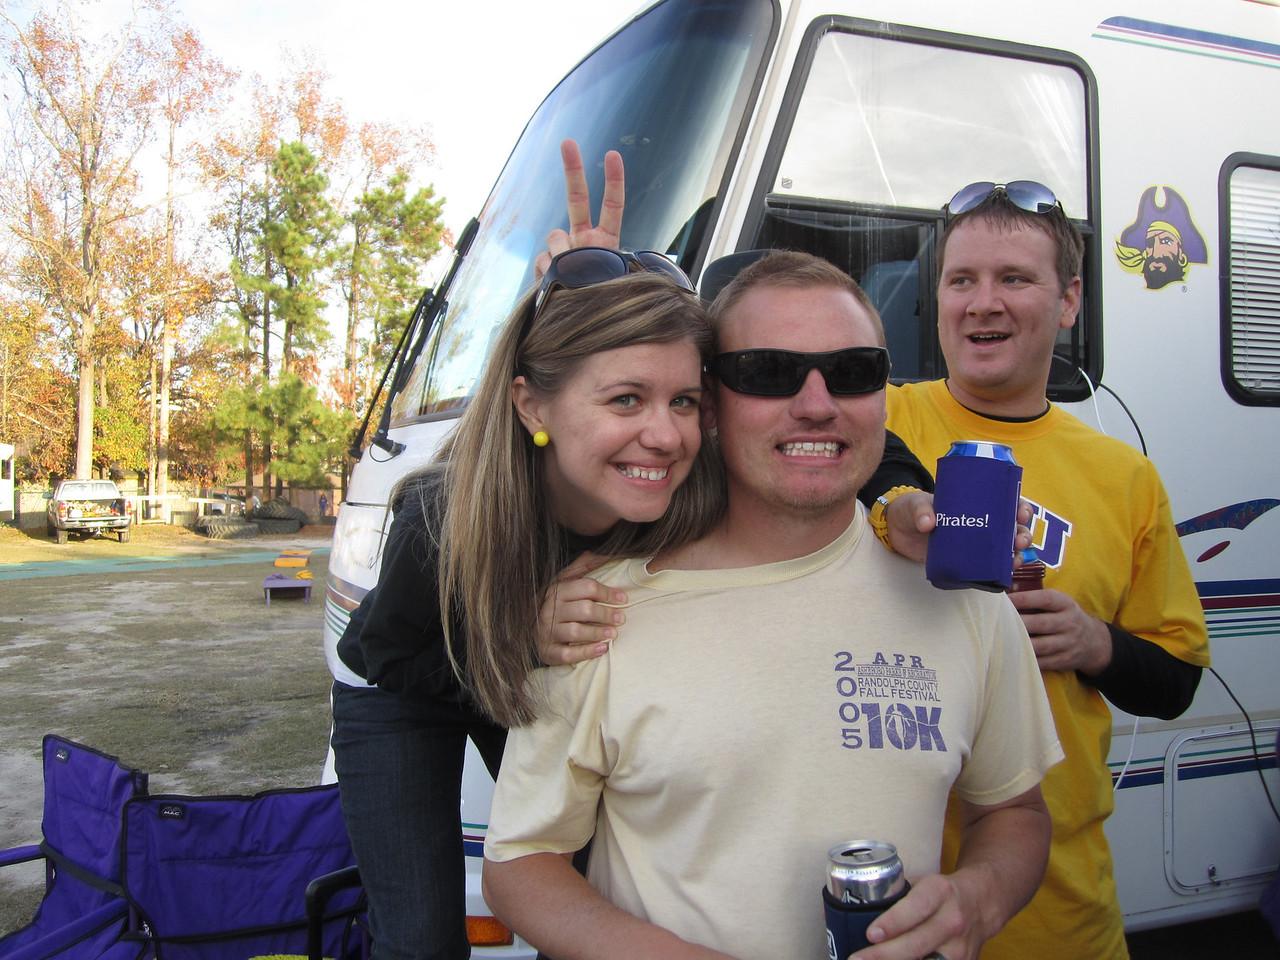 11/19/2011 ECU vs University of Central Florida - Jen, JG